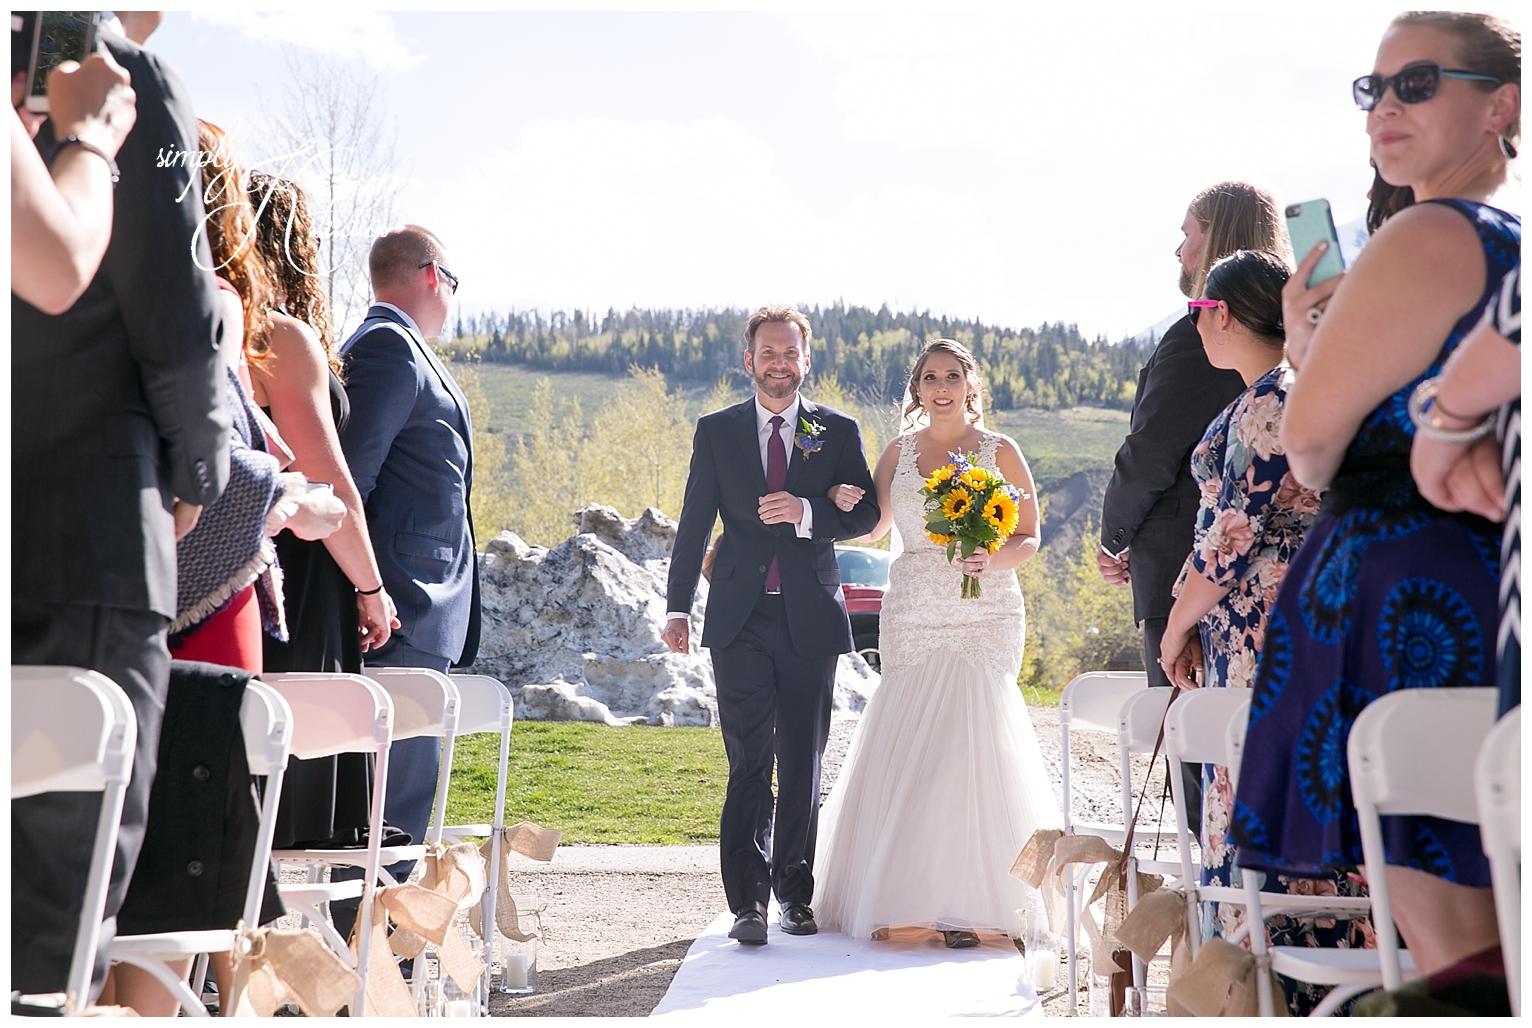 Silverthorne CO wedding ceremony.jpg